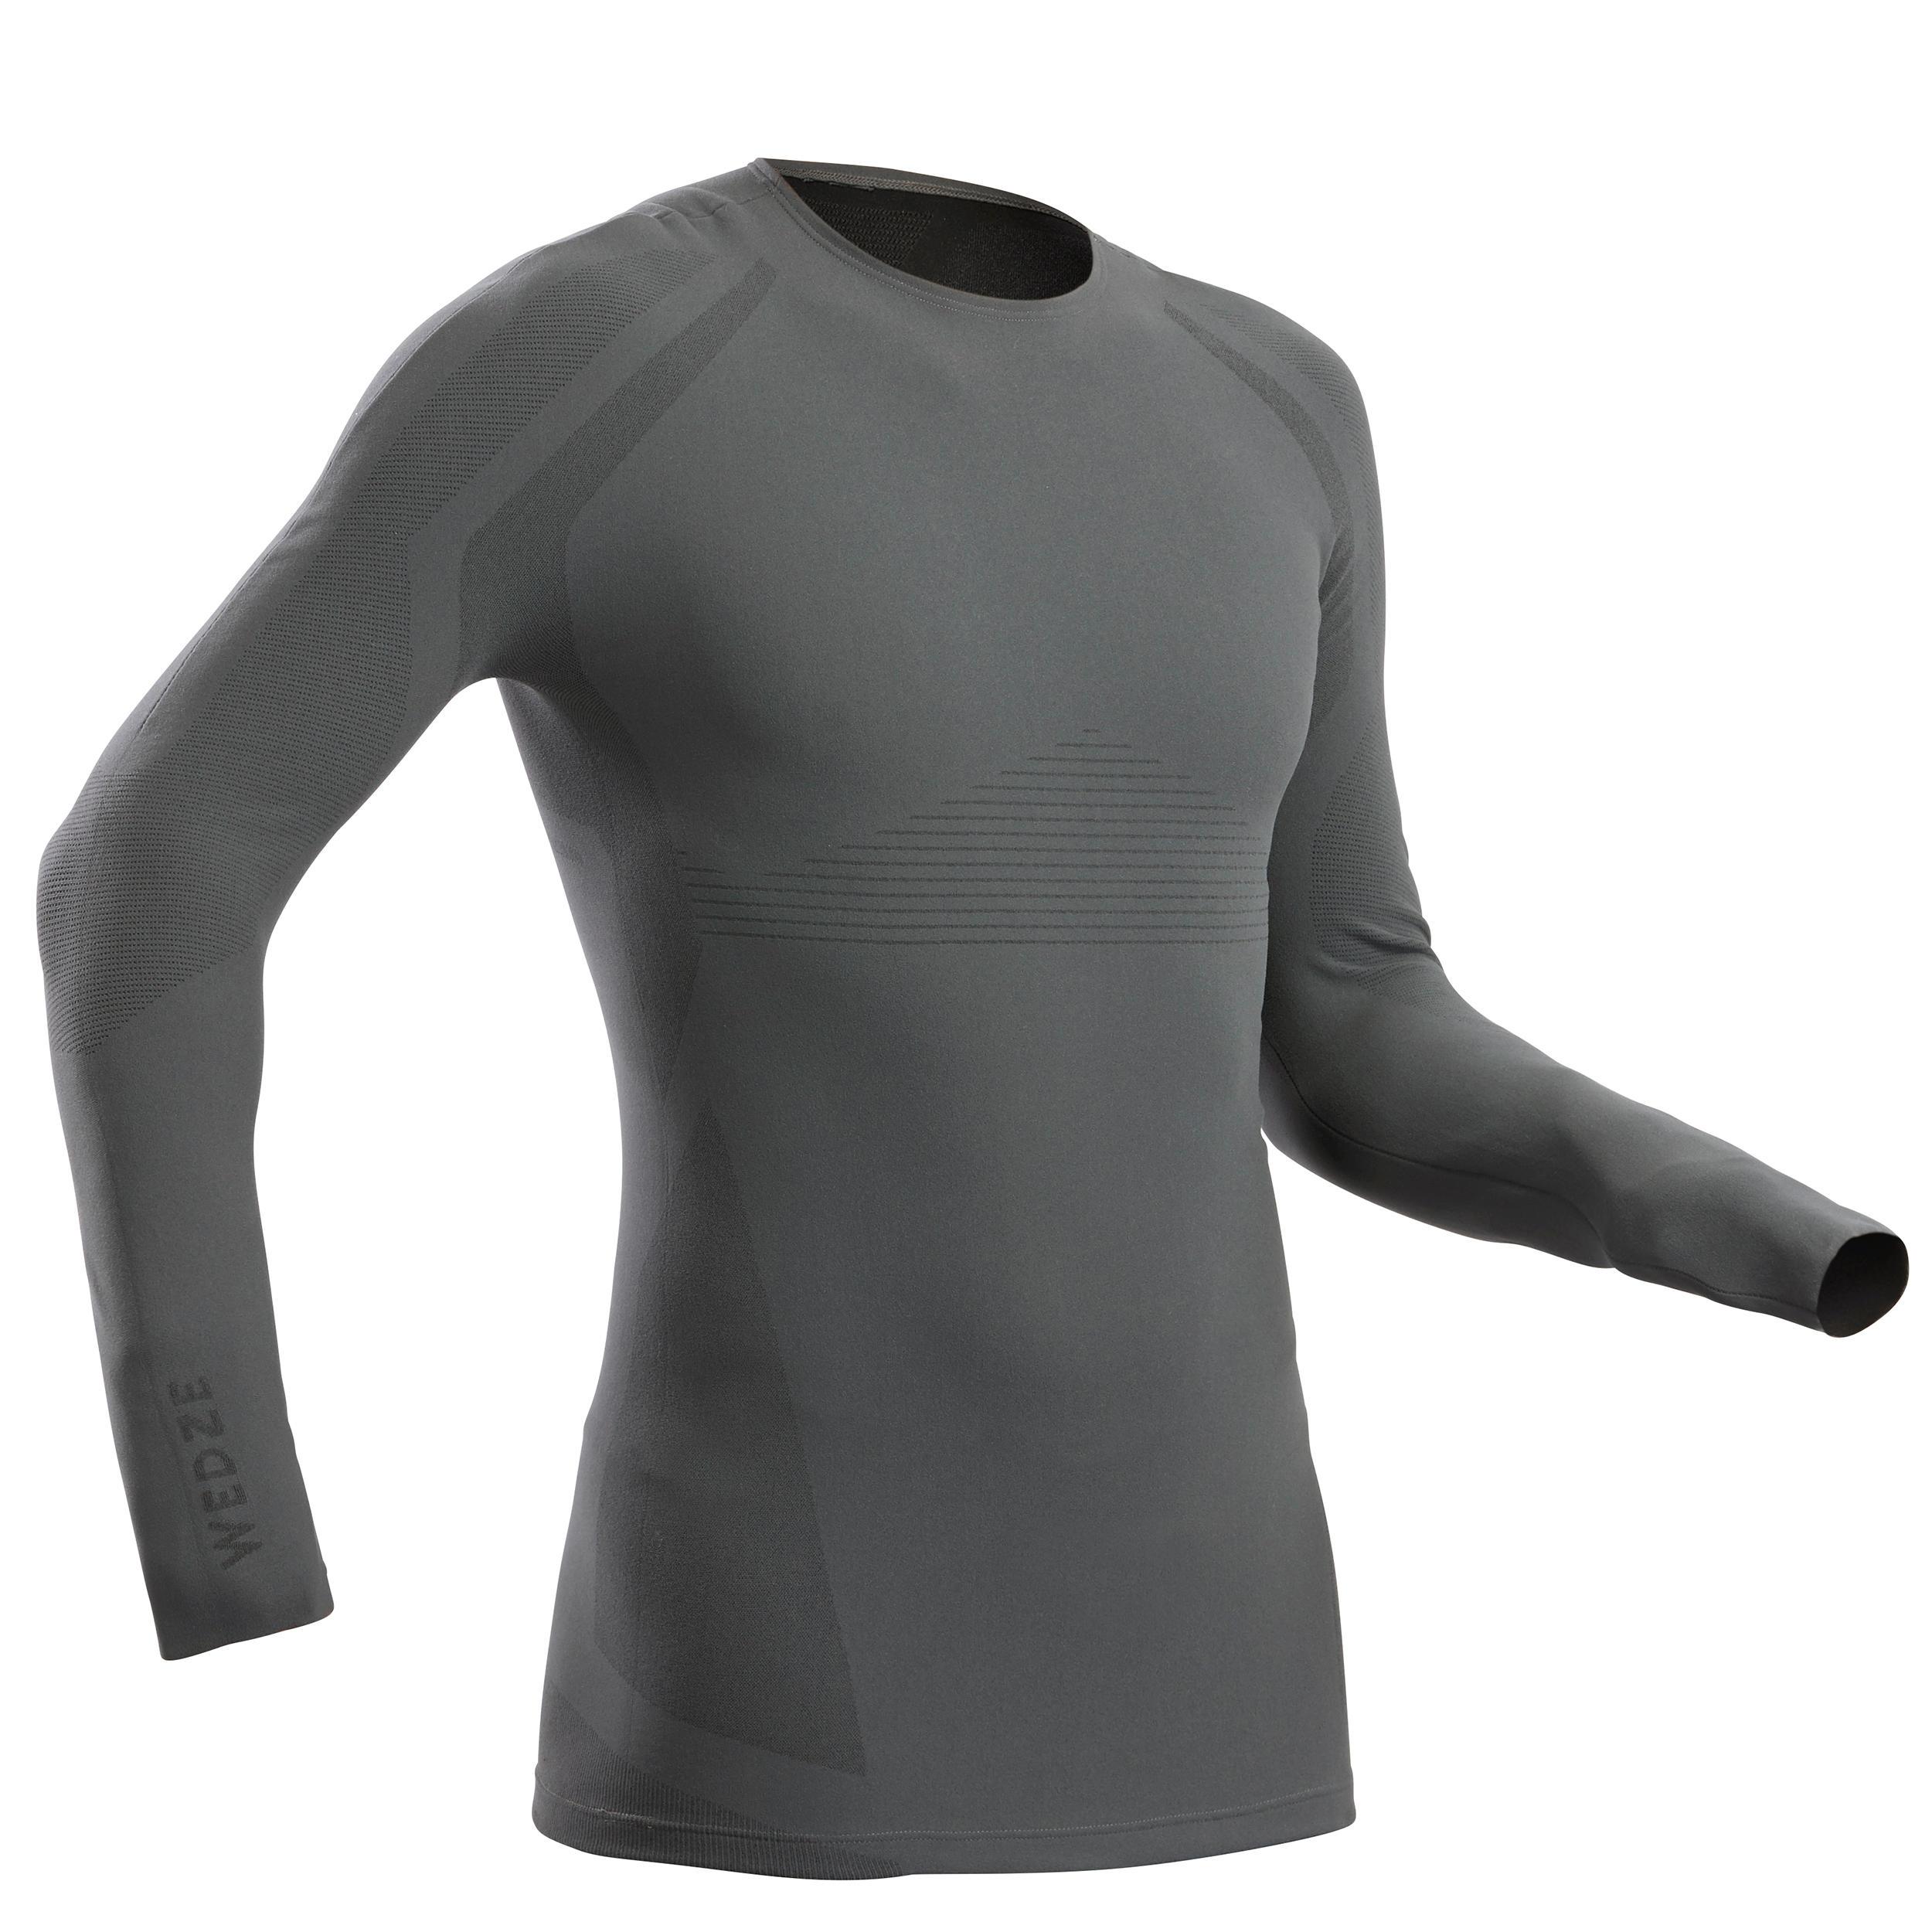 Bluză schi 900 gri bărbați imagine